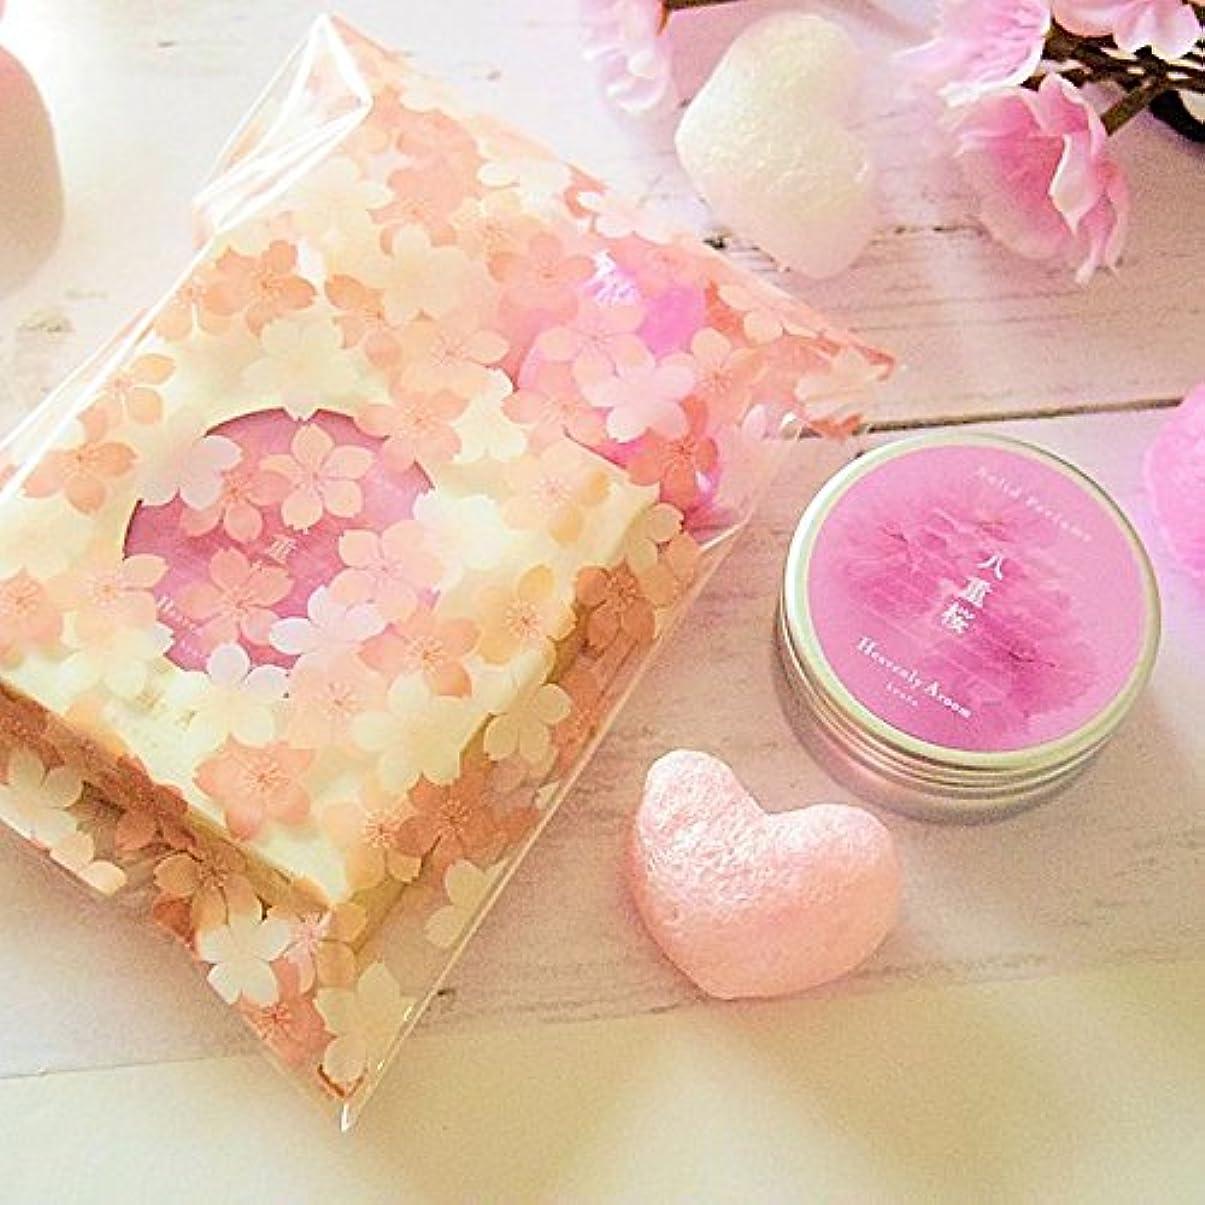 ケニア崇拝します肥料【桜スペシャル】練り香水 京の練り香 Heavenly Aroom ソリッドパフューム 15g 八重桜 桜とハートの無料ラッピングつき